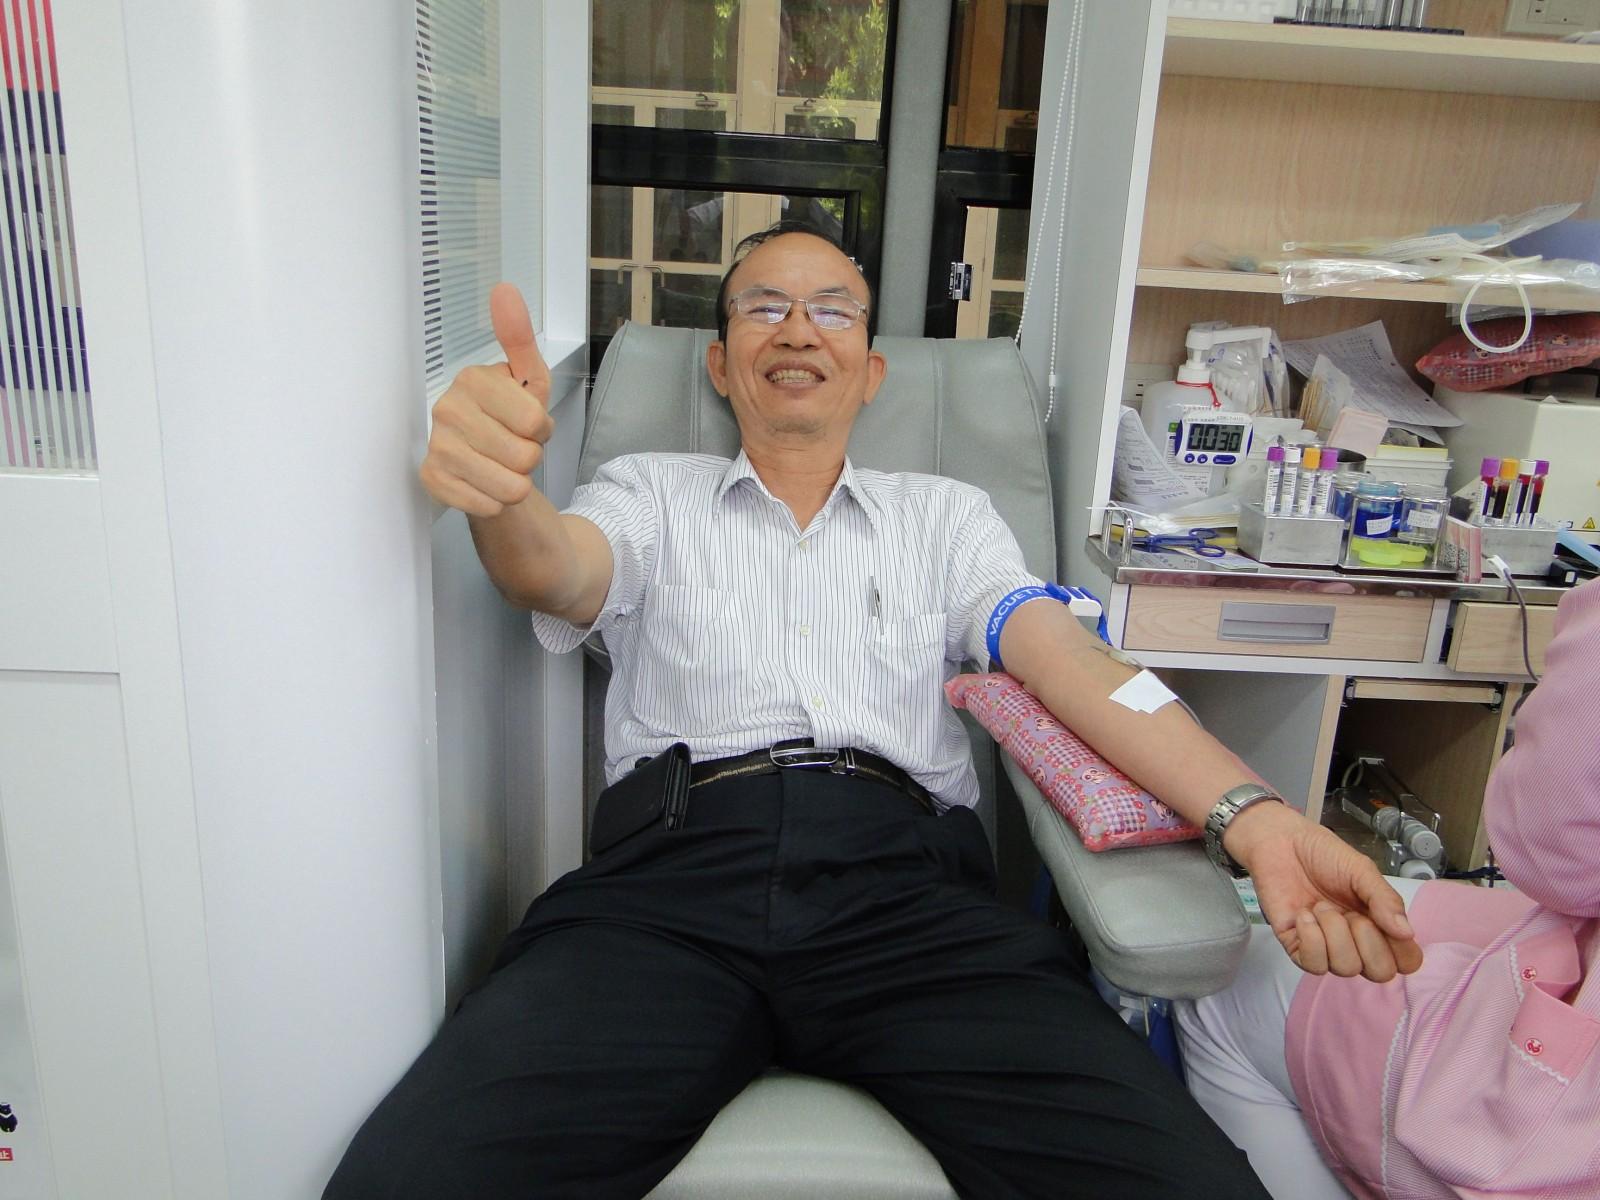 愛心無限 中油煉製事業部挽袖捐血救人